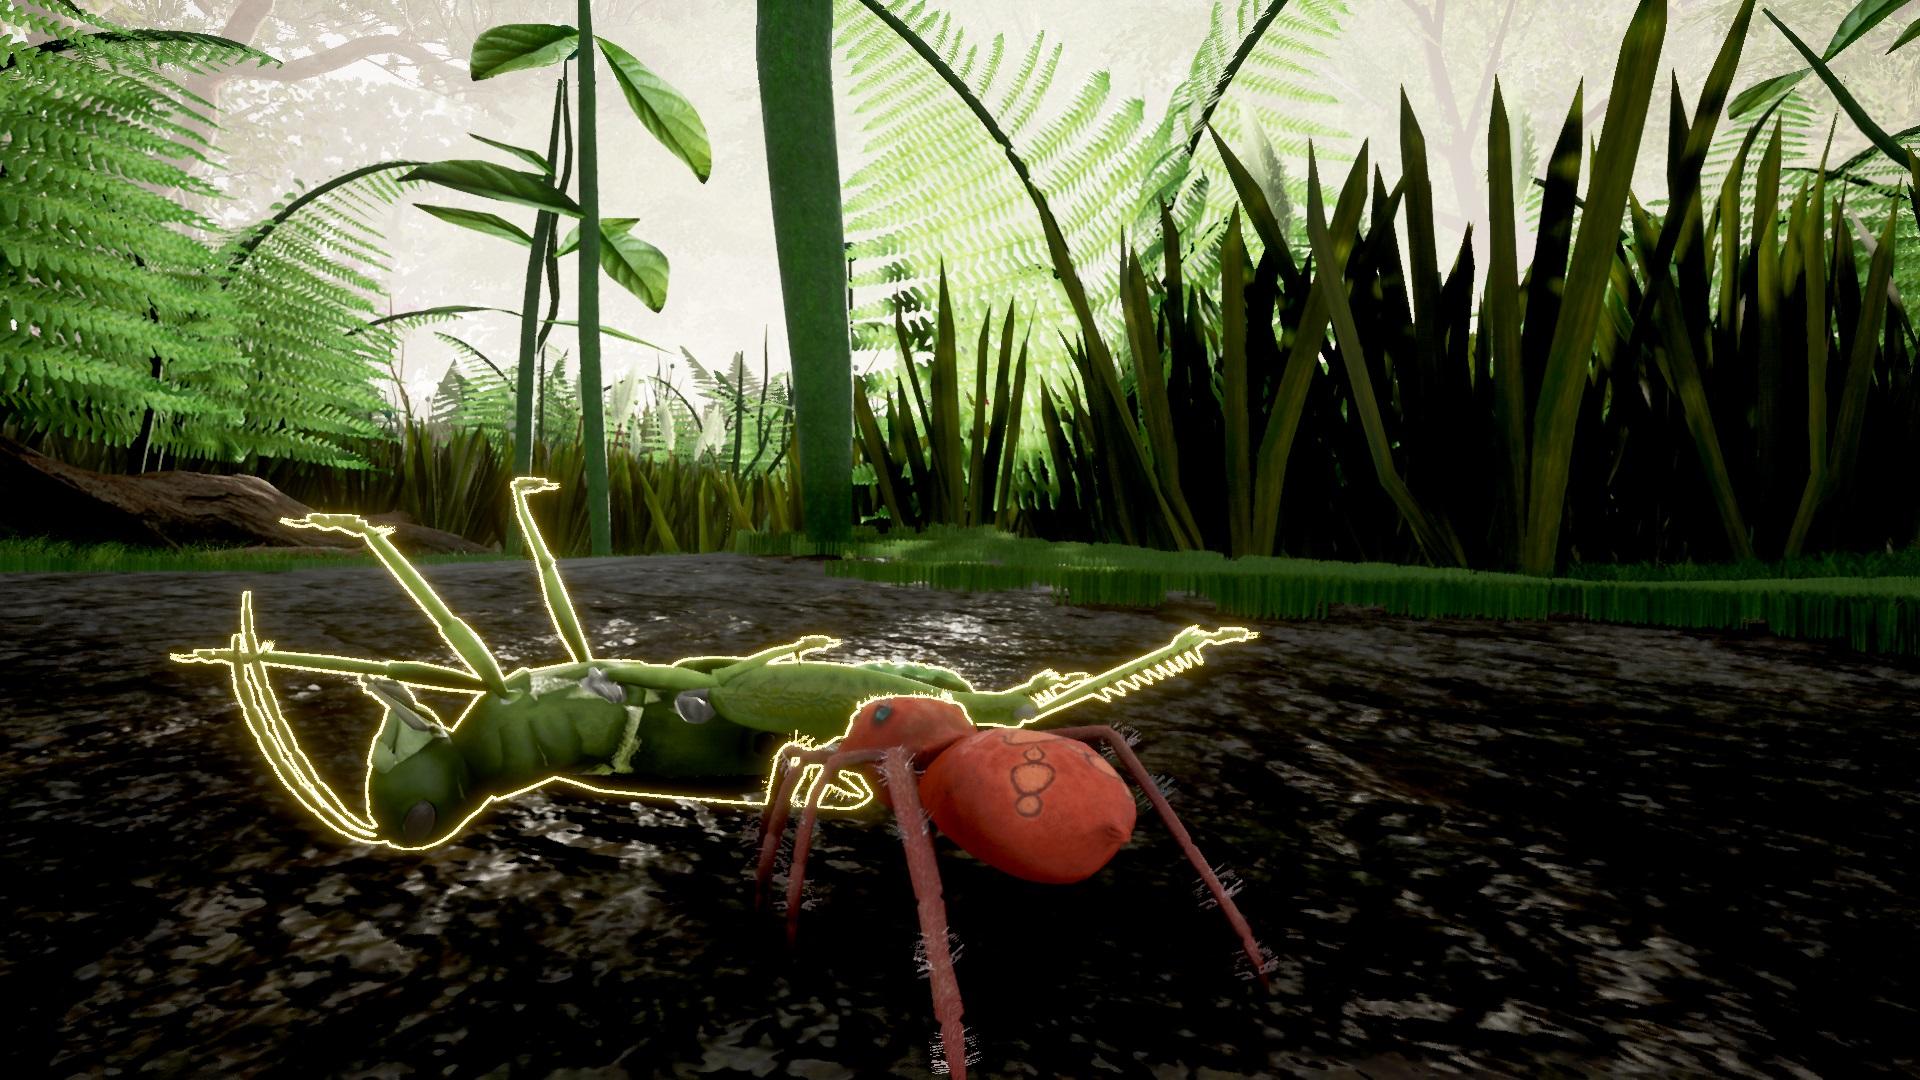 Grasshopper Encounter